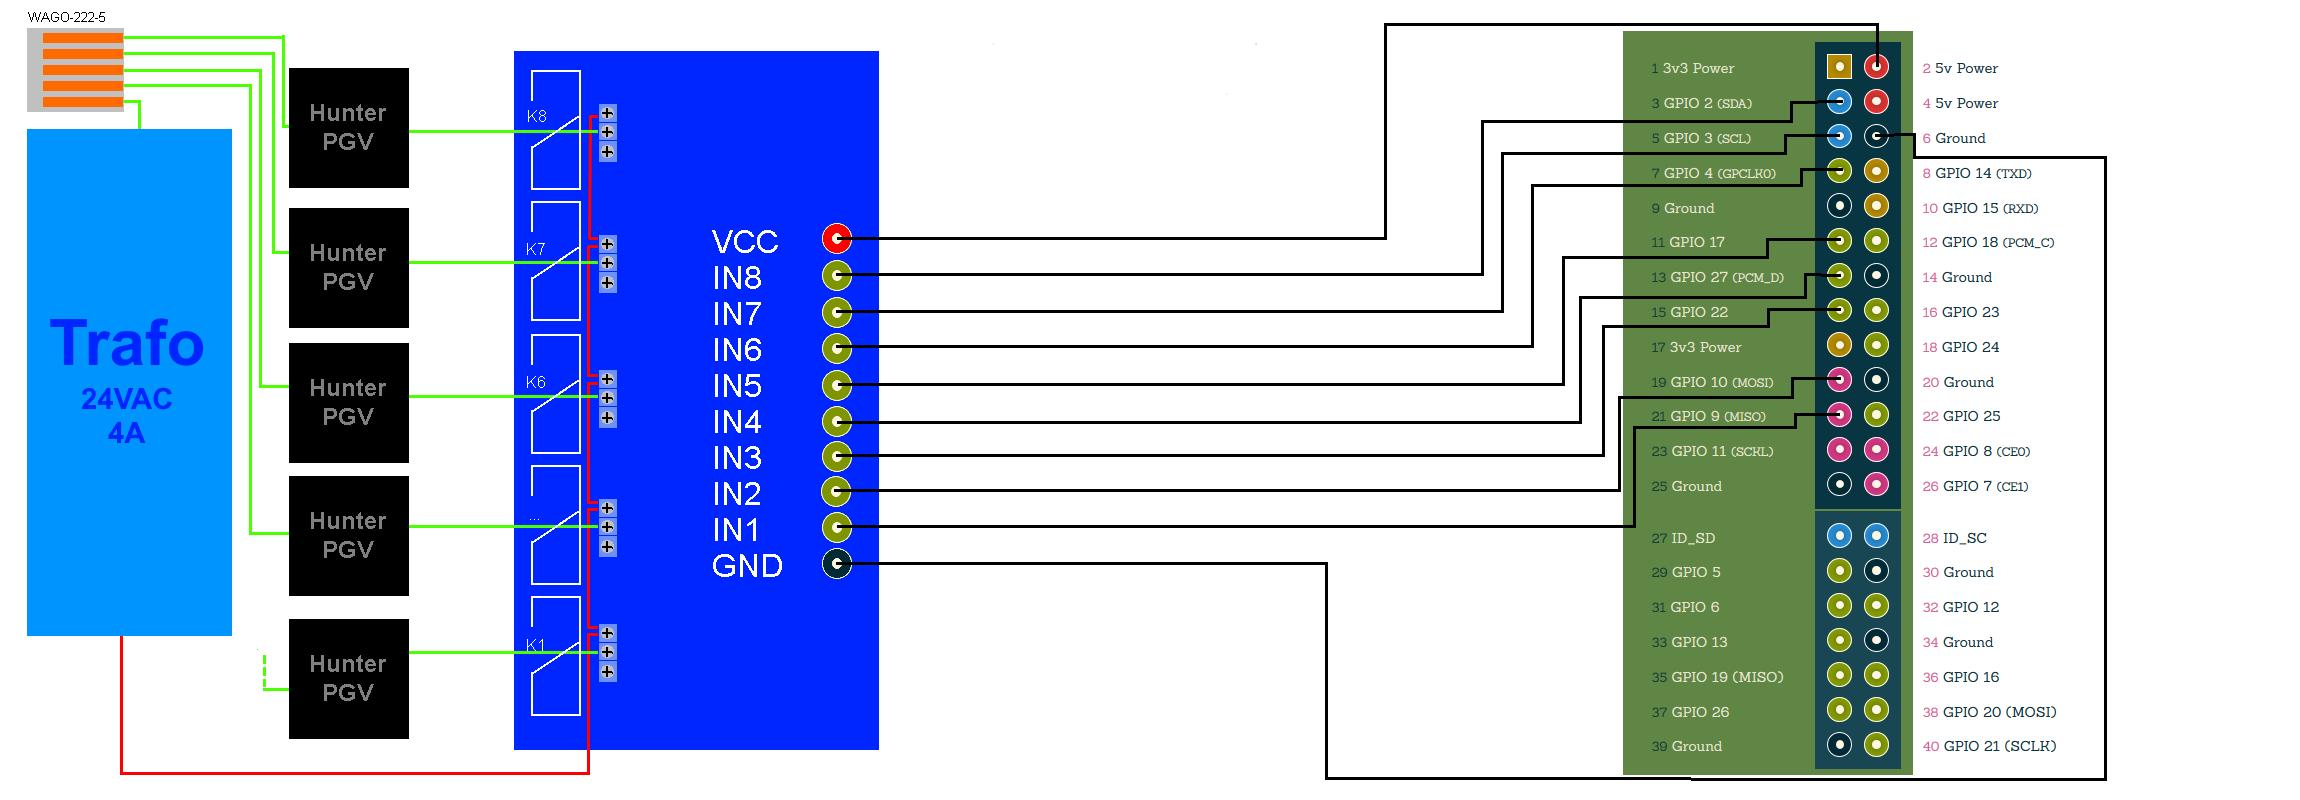 sch n 24vac relais schaltplan zeitgen ssisch der schaltplan. Black Bedroom Furniture Sets. Home Design Ideas